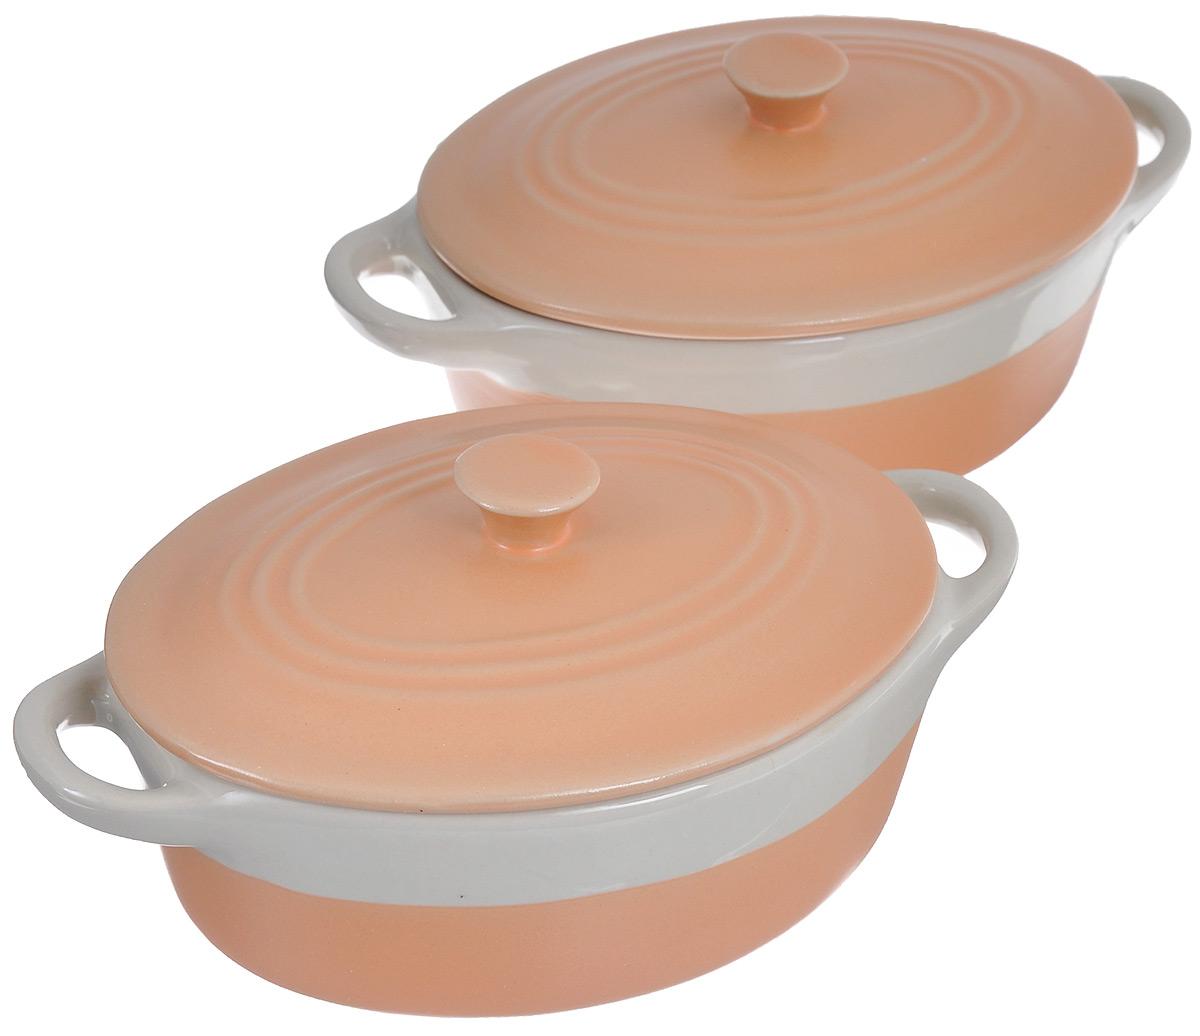 Набор жаровен Mayer & Boch с крышками, цвет: оранжевый, бежевый, 300 мл, 2 шт24493Жаровня Mayer & Boch изготовлена из керамики. Материал устойчив к образованию пятен, не пропускает запах. Изделие оснащено крышкой и двумя удобными ручками по бокам. Пища, приготовленная в керамической посуде, сохраняет свои вкусовые качества, а благодаря экологической чистоте материала, не может нанести вред здоровью человека. Керамика - один из самых лучших материалов, который удерживает тепло, медленно и равномерно его распределяет. В комплекте 2 жаровни.Подходит для использования в микроволновой печи и духовом шкафу. Можно мыть в посудомоечной машине. Размер жаровни по верхнему краю (с учетом ручек): 17 см х 10,5 см.Высота жаровни без учета крышки: 5 см.